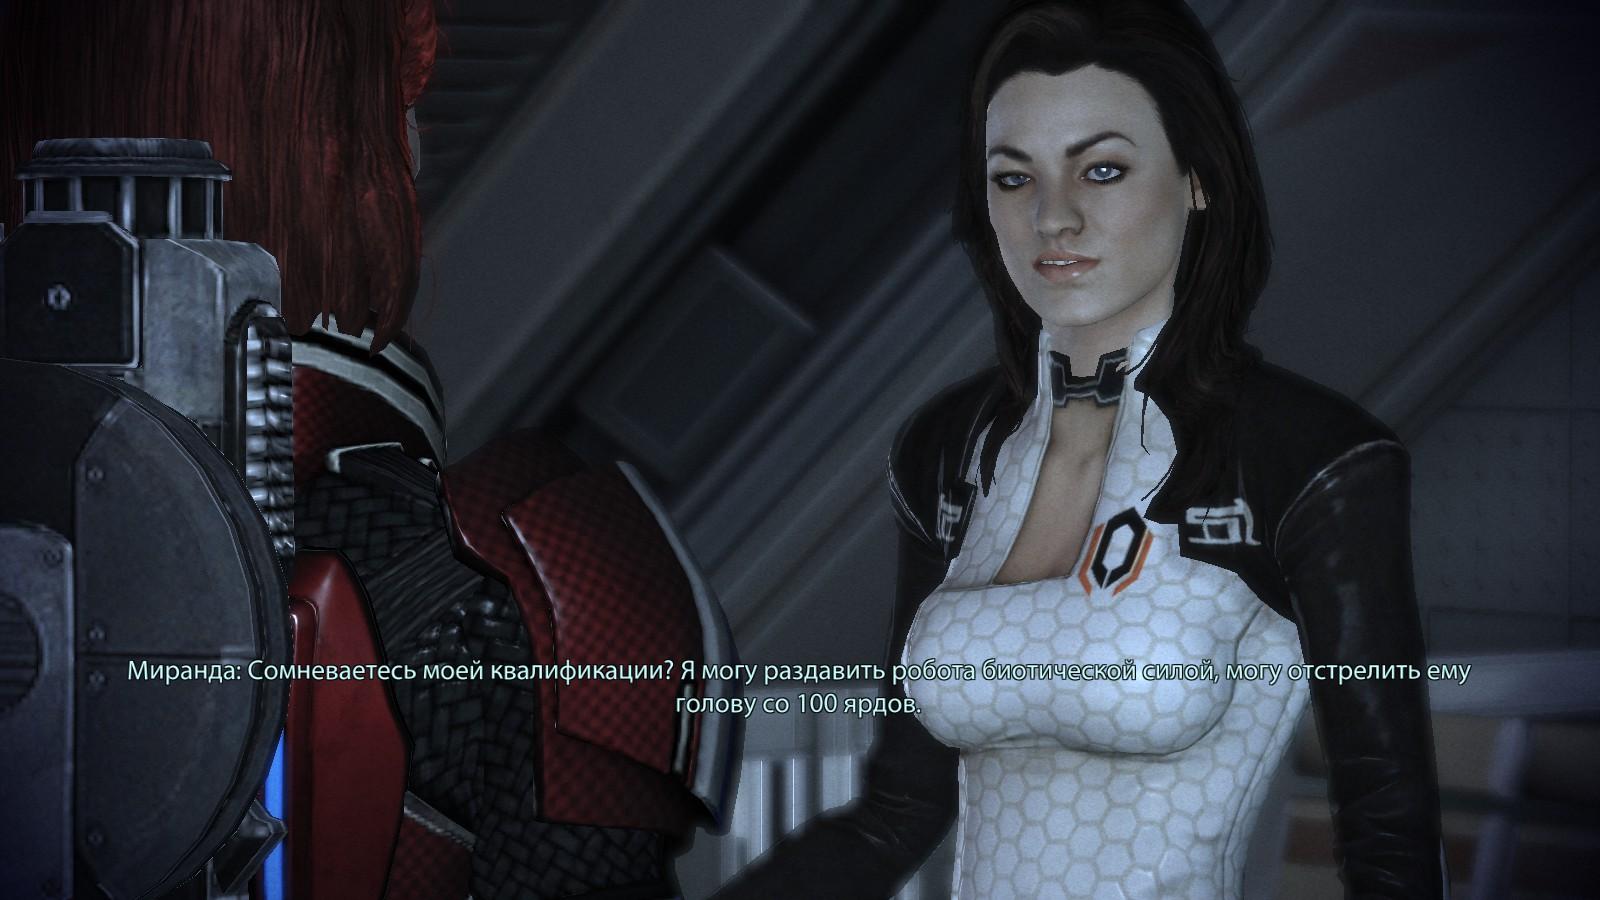 2015-10-05_00005.jpg - Mass Effect 2 game girls